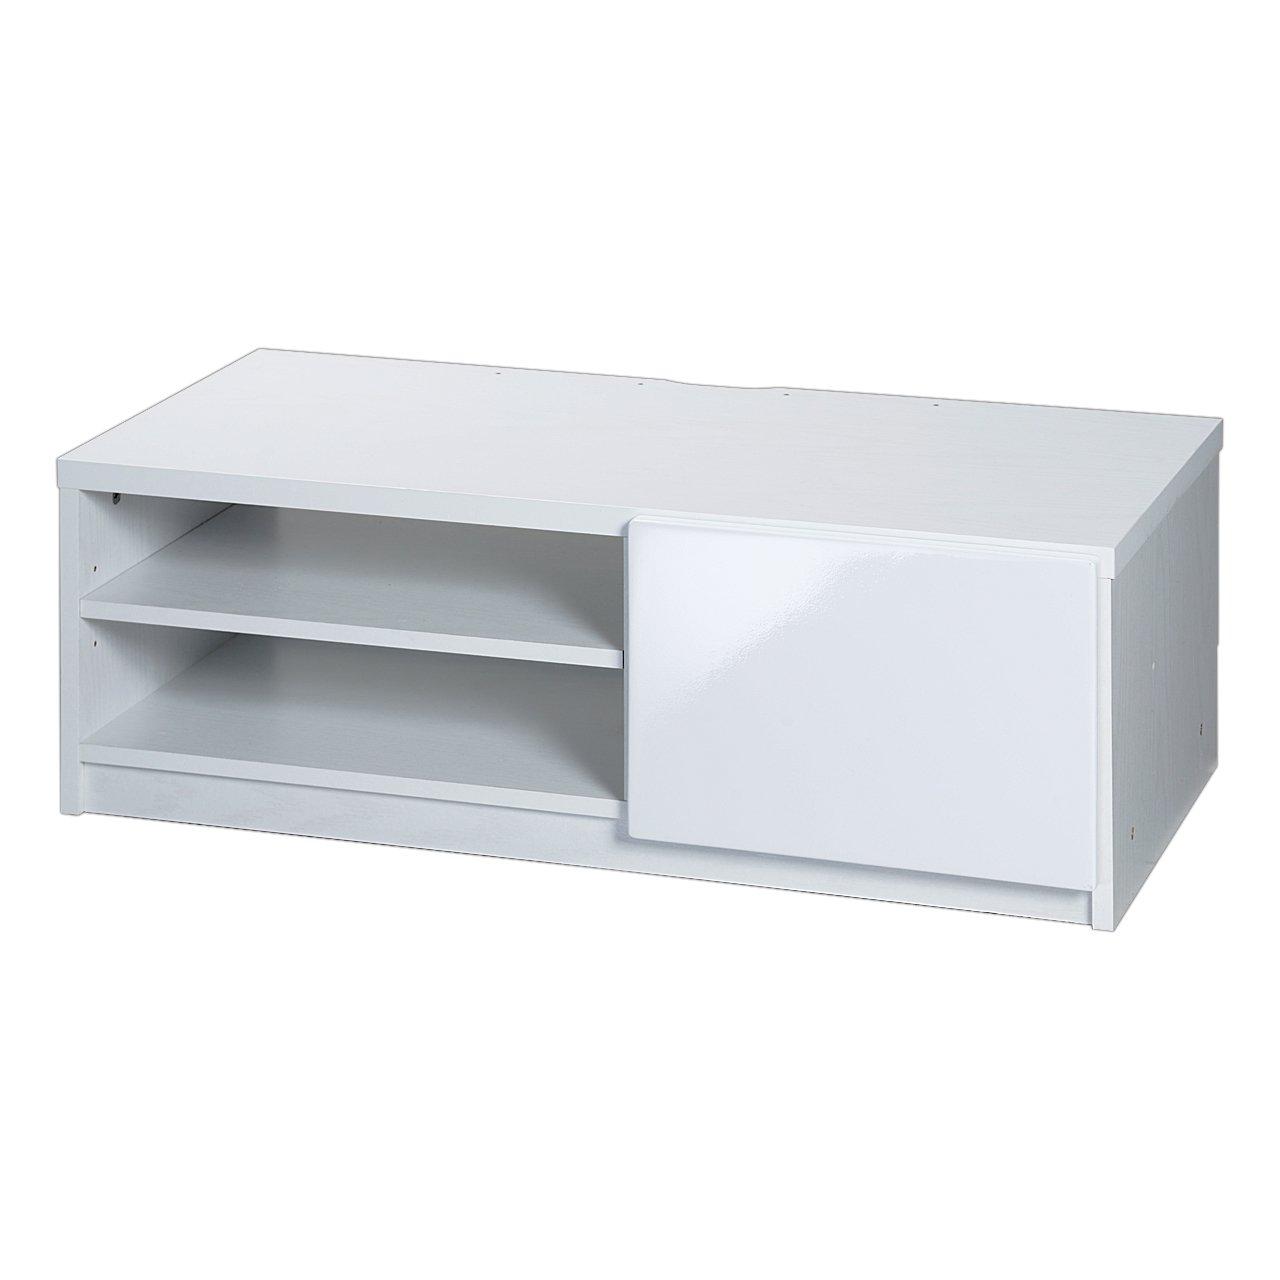 テレビ台 ローボード 鏡面 ロビン 幅85cm キャスター付き ホワイト(前板鏡面タイプ) B00TZOFKJS